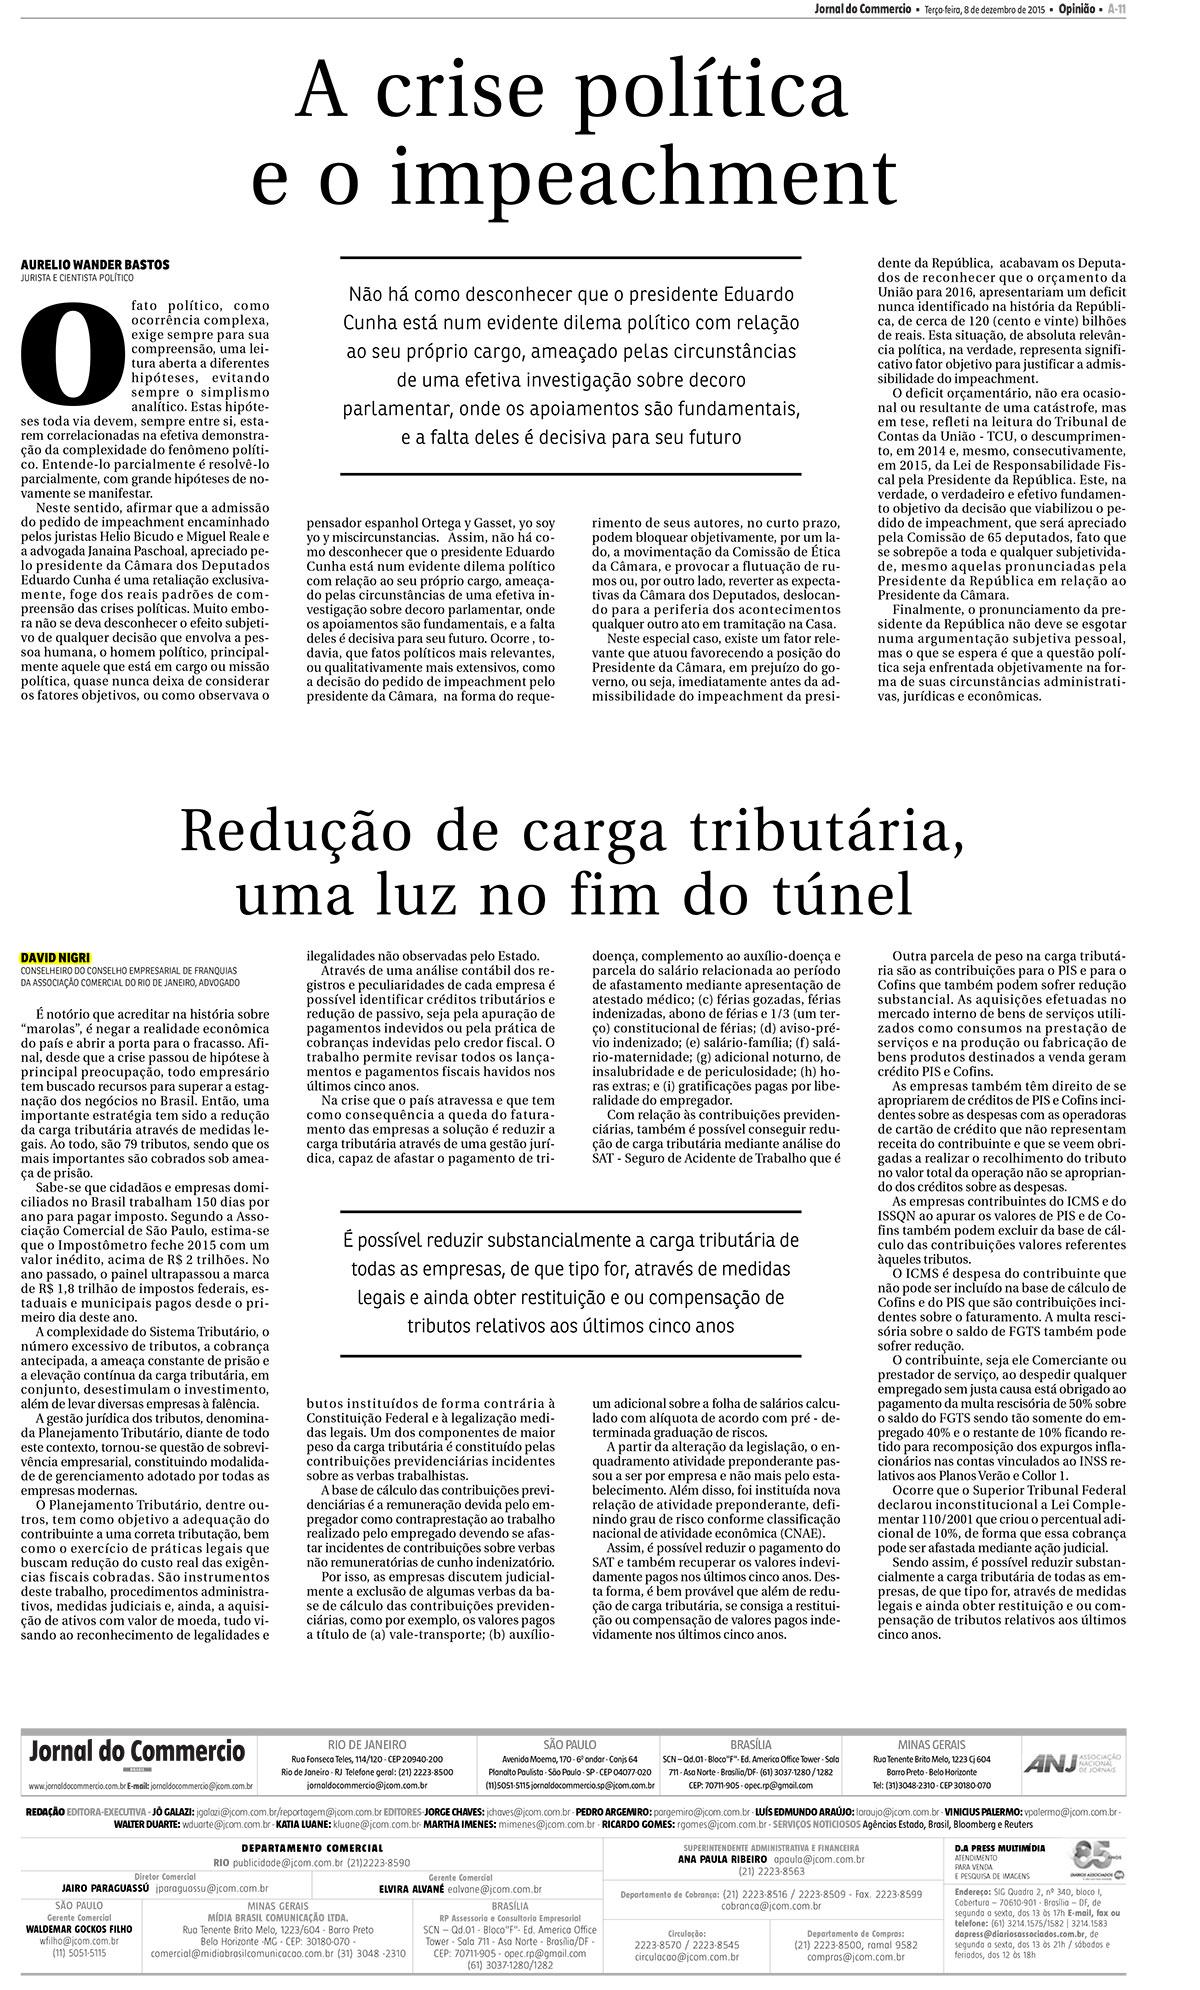 Jornal_Com_Carga_Tributaria